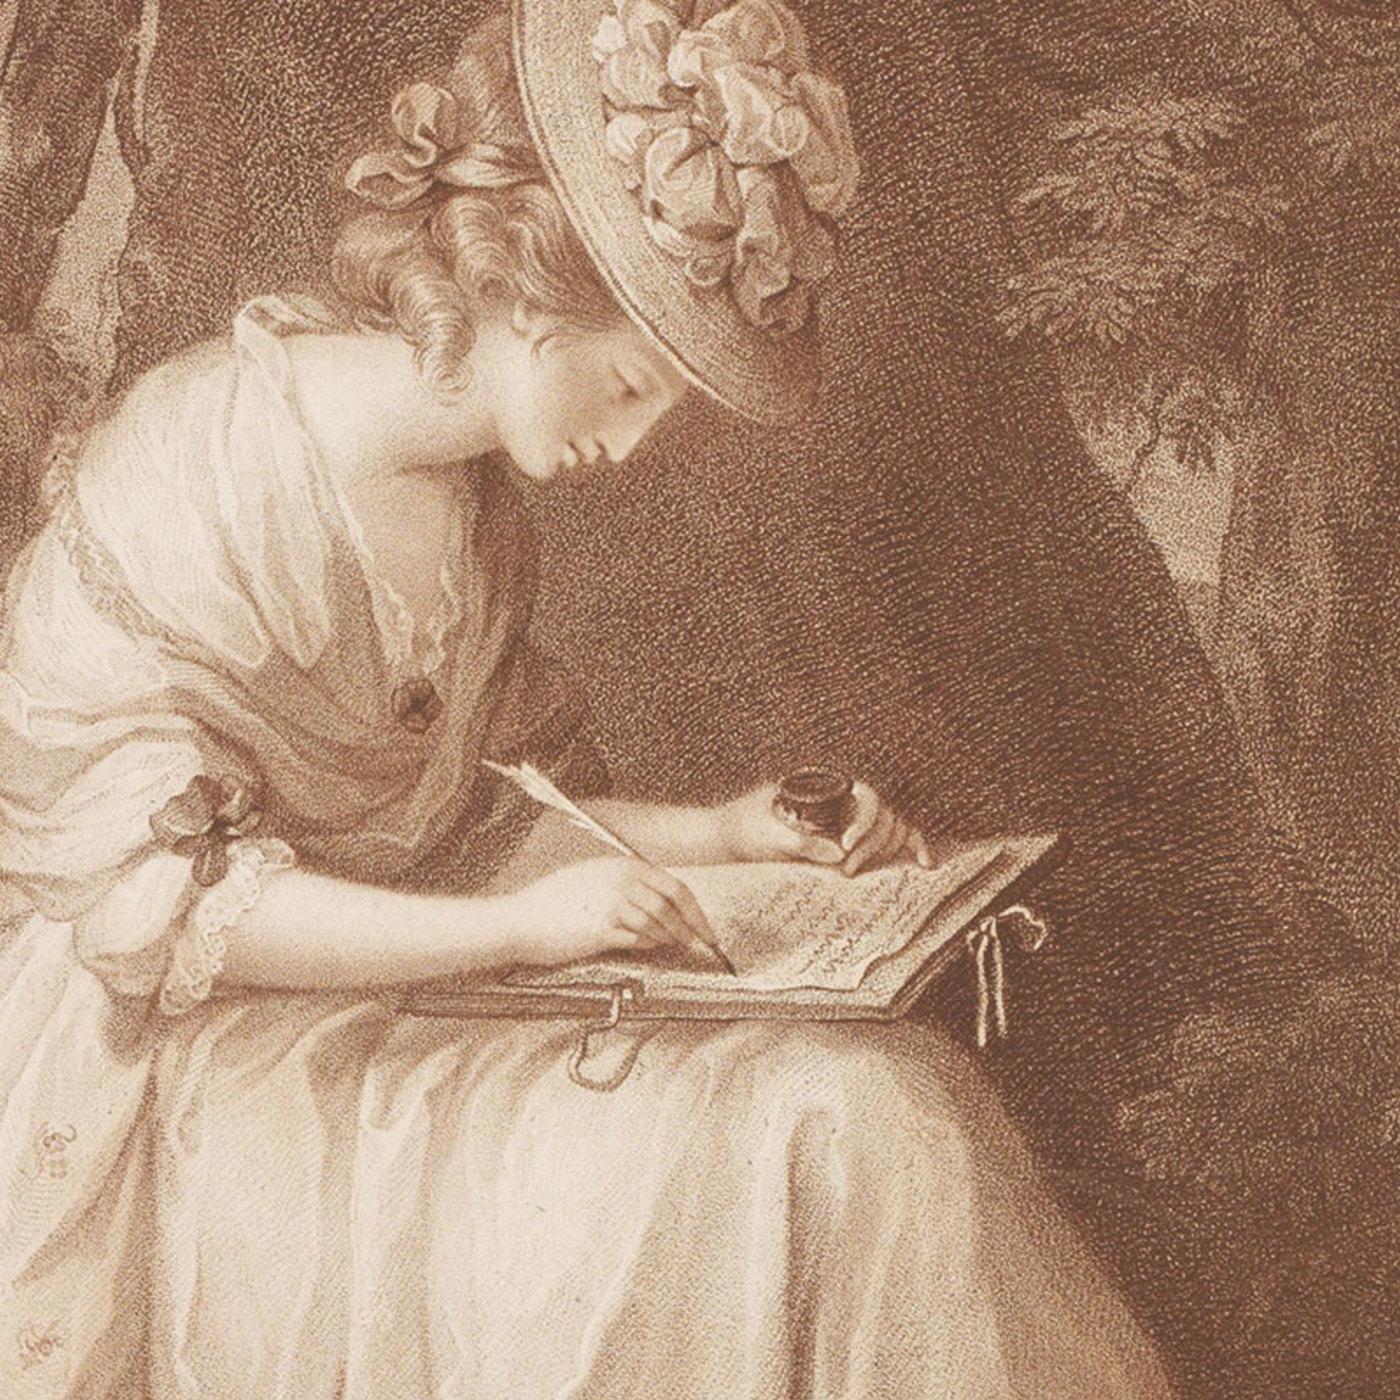 Зачем люди ведут дневники, а историки их читают. Лекция 1. Что такое дневник и как он менялся